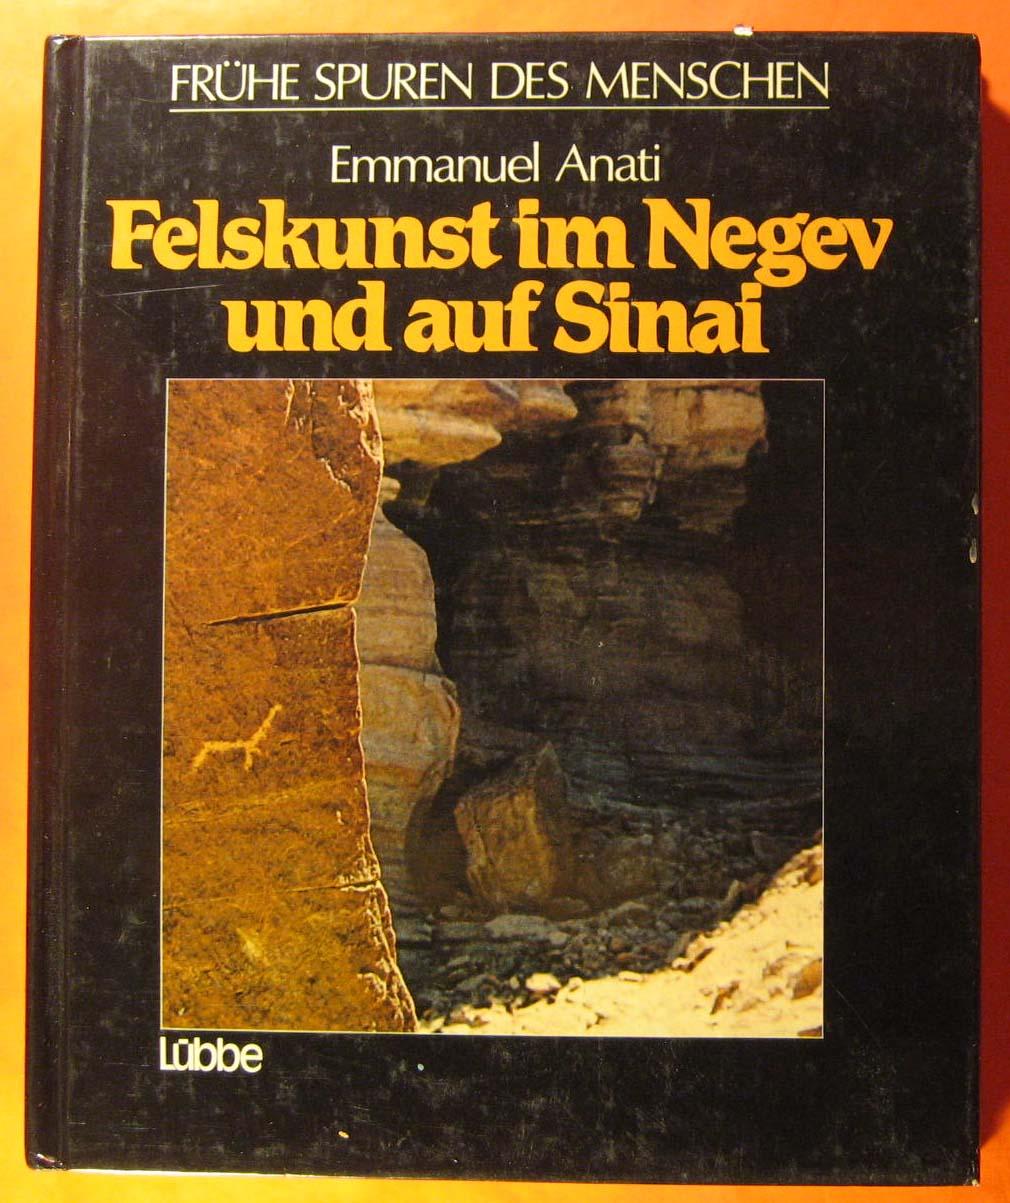 Felskunst im Negev und auf Sinai, Anati, Emmanuel